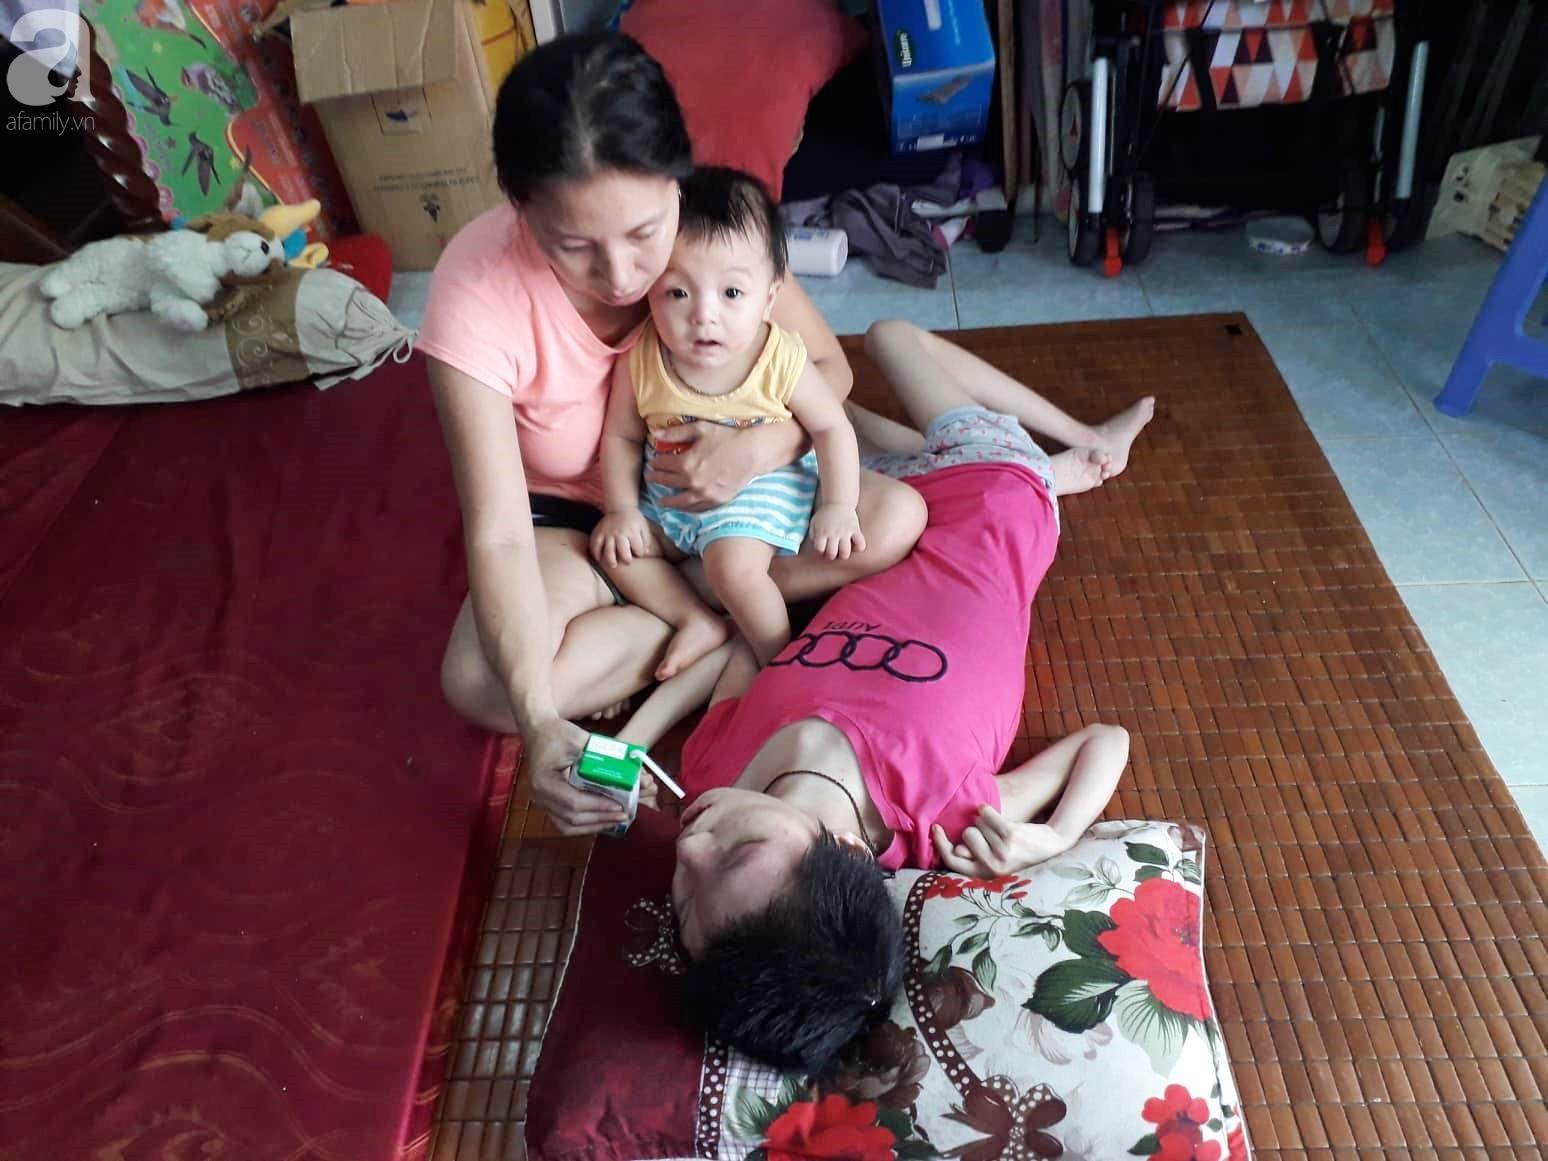 Đà Nẵng: Người mẹ nghèo nuôi 3 con thơ nheo nhóc, bất lực nhìn con gái 15 tuổi co giật vì bệnh u máu quái ác - Ảnh 7.